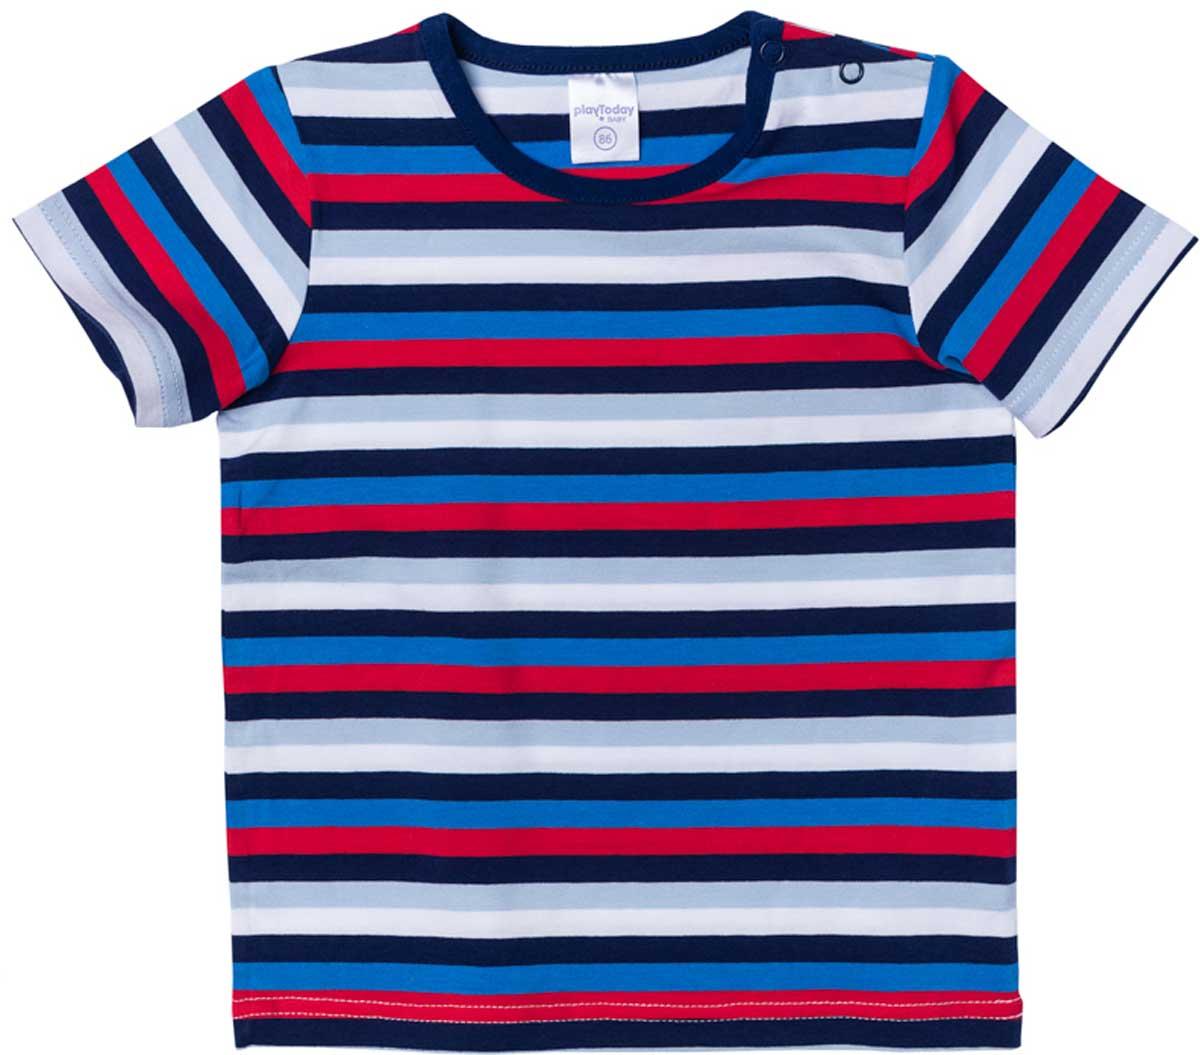 Футболка для мальчика PlayToday, цвет: белый, синий, черный. 177022. Размер 74177022Футболка для мальчика PlayToday выполнена из хлопка и эластана. Модель с круглым вырезом горловины и короткими рукавами оформлена принтом в полоску.